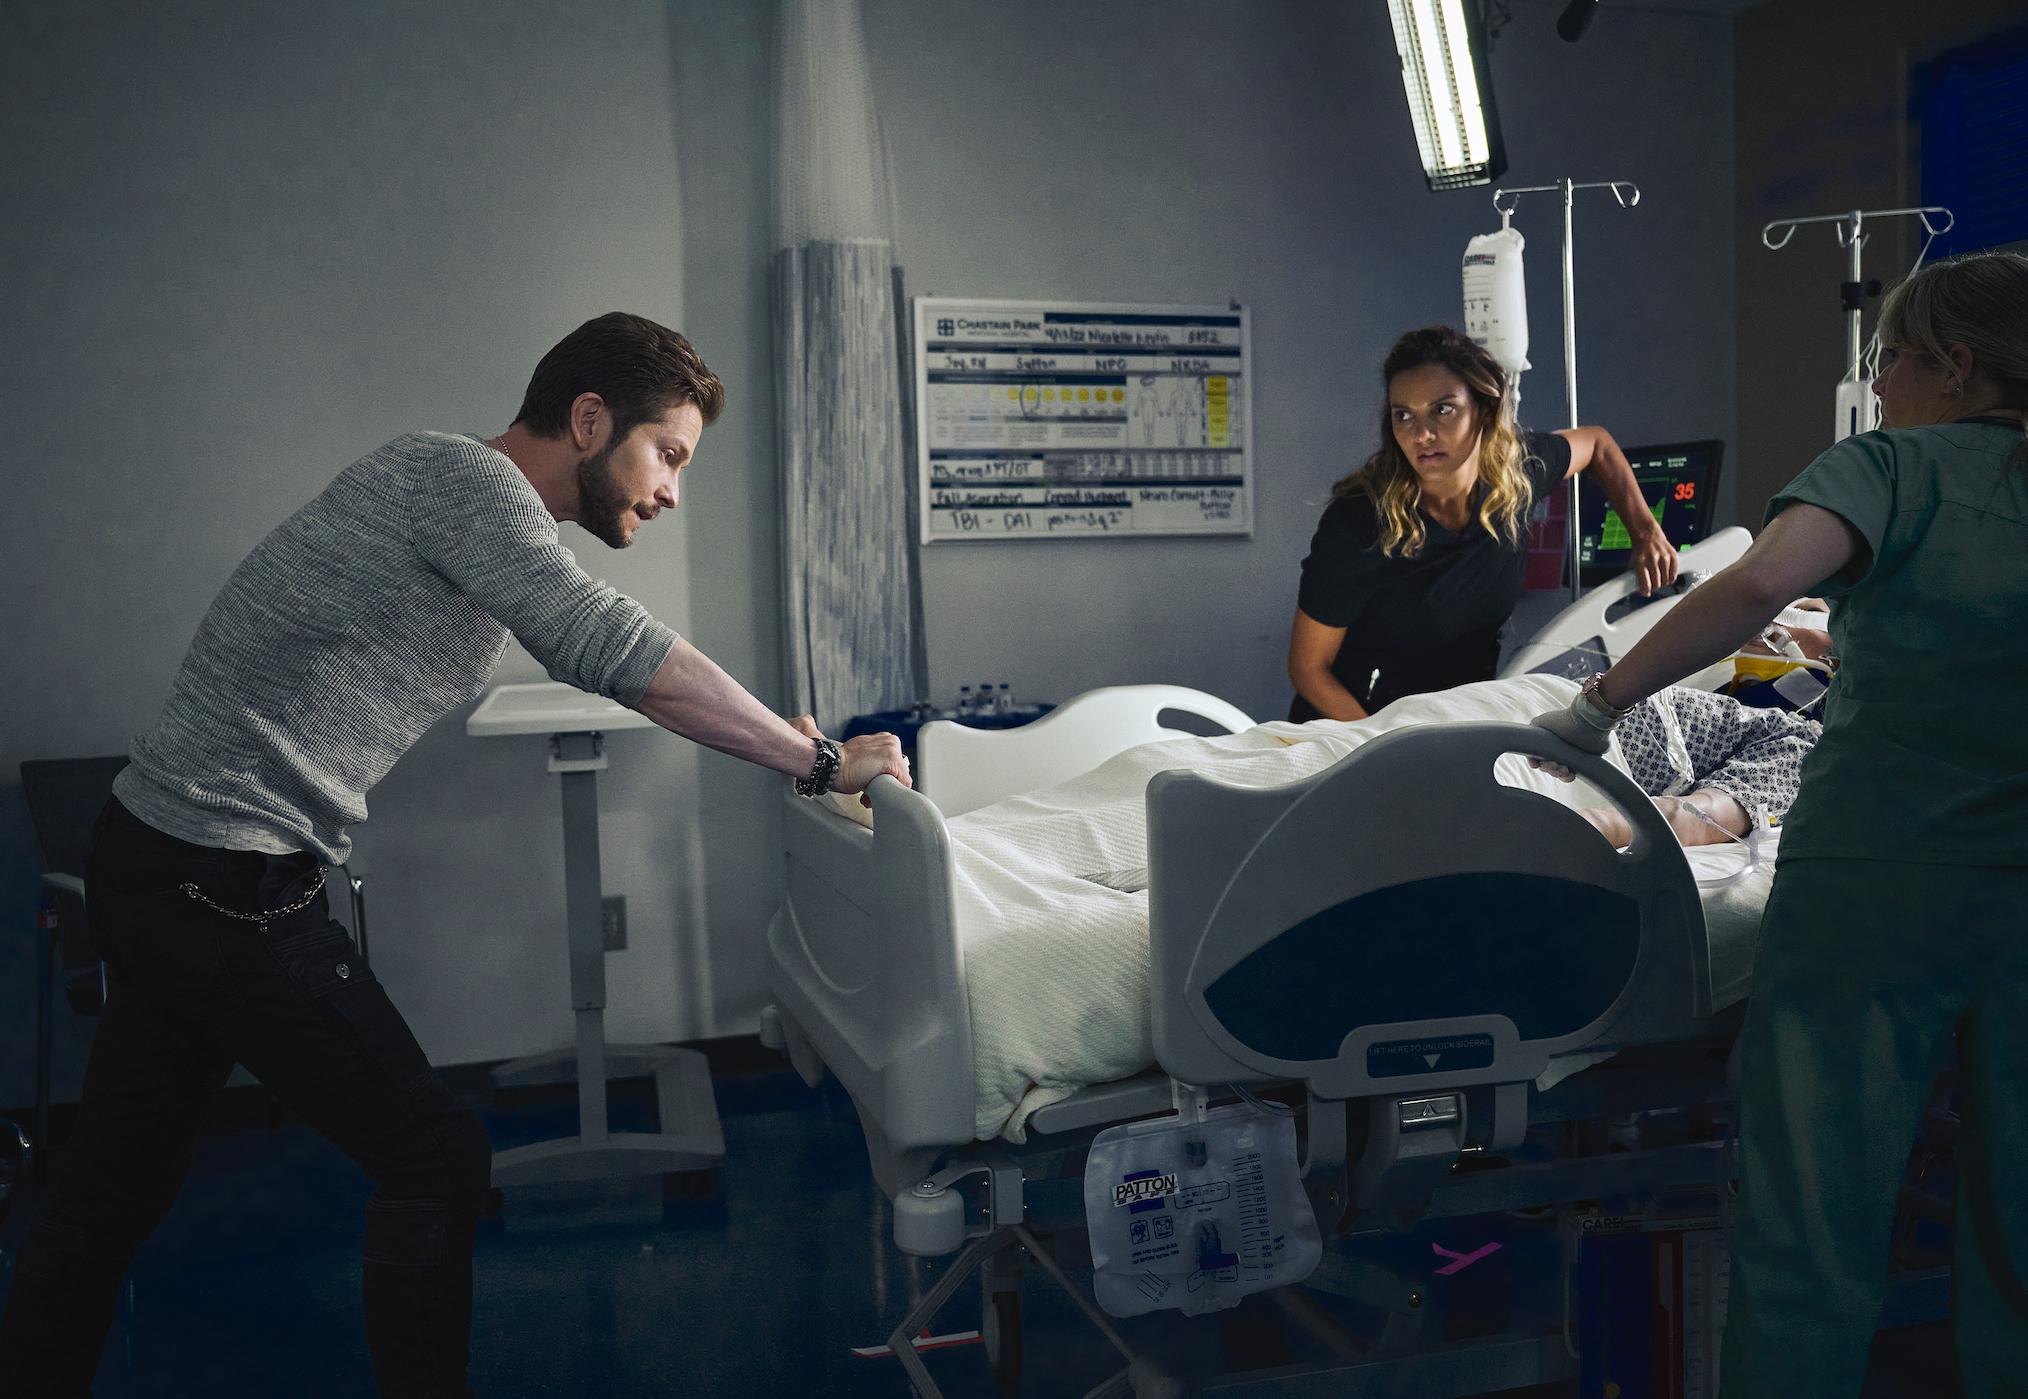 Matt Czuchry as Conrad, Jessica Lucas as Billie in The Resident